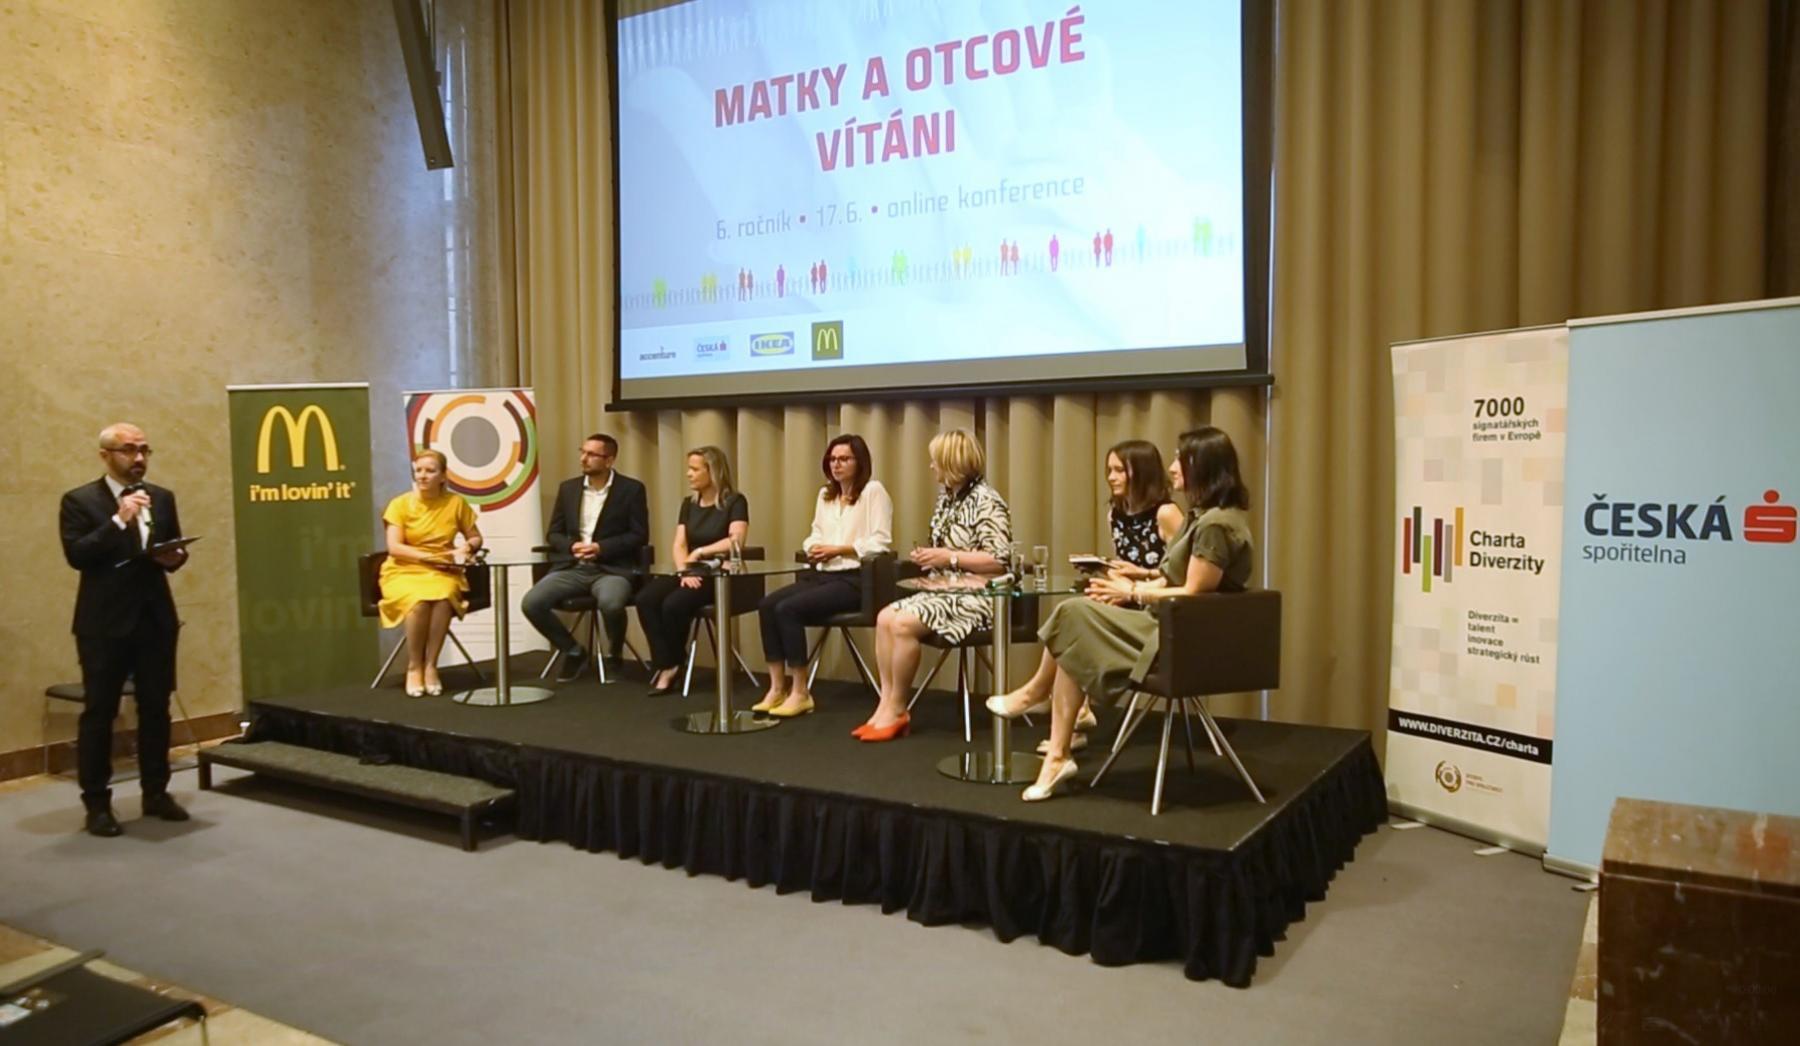 Záznam a fotografie z konference MATKY A OTCOVÉ VÍTÁNI